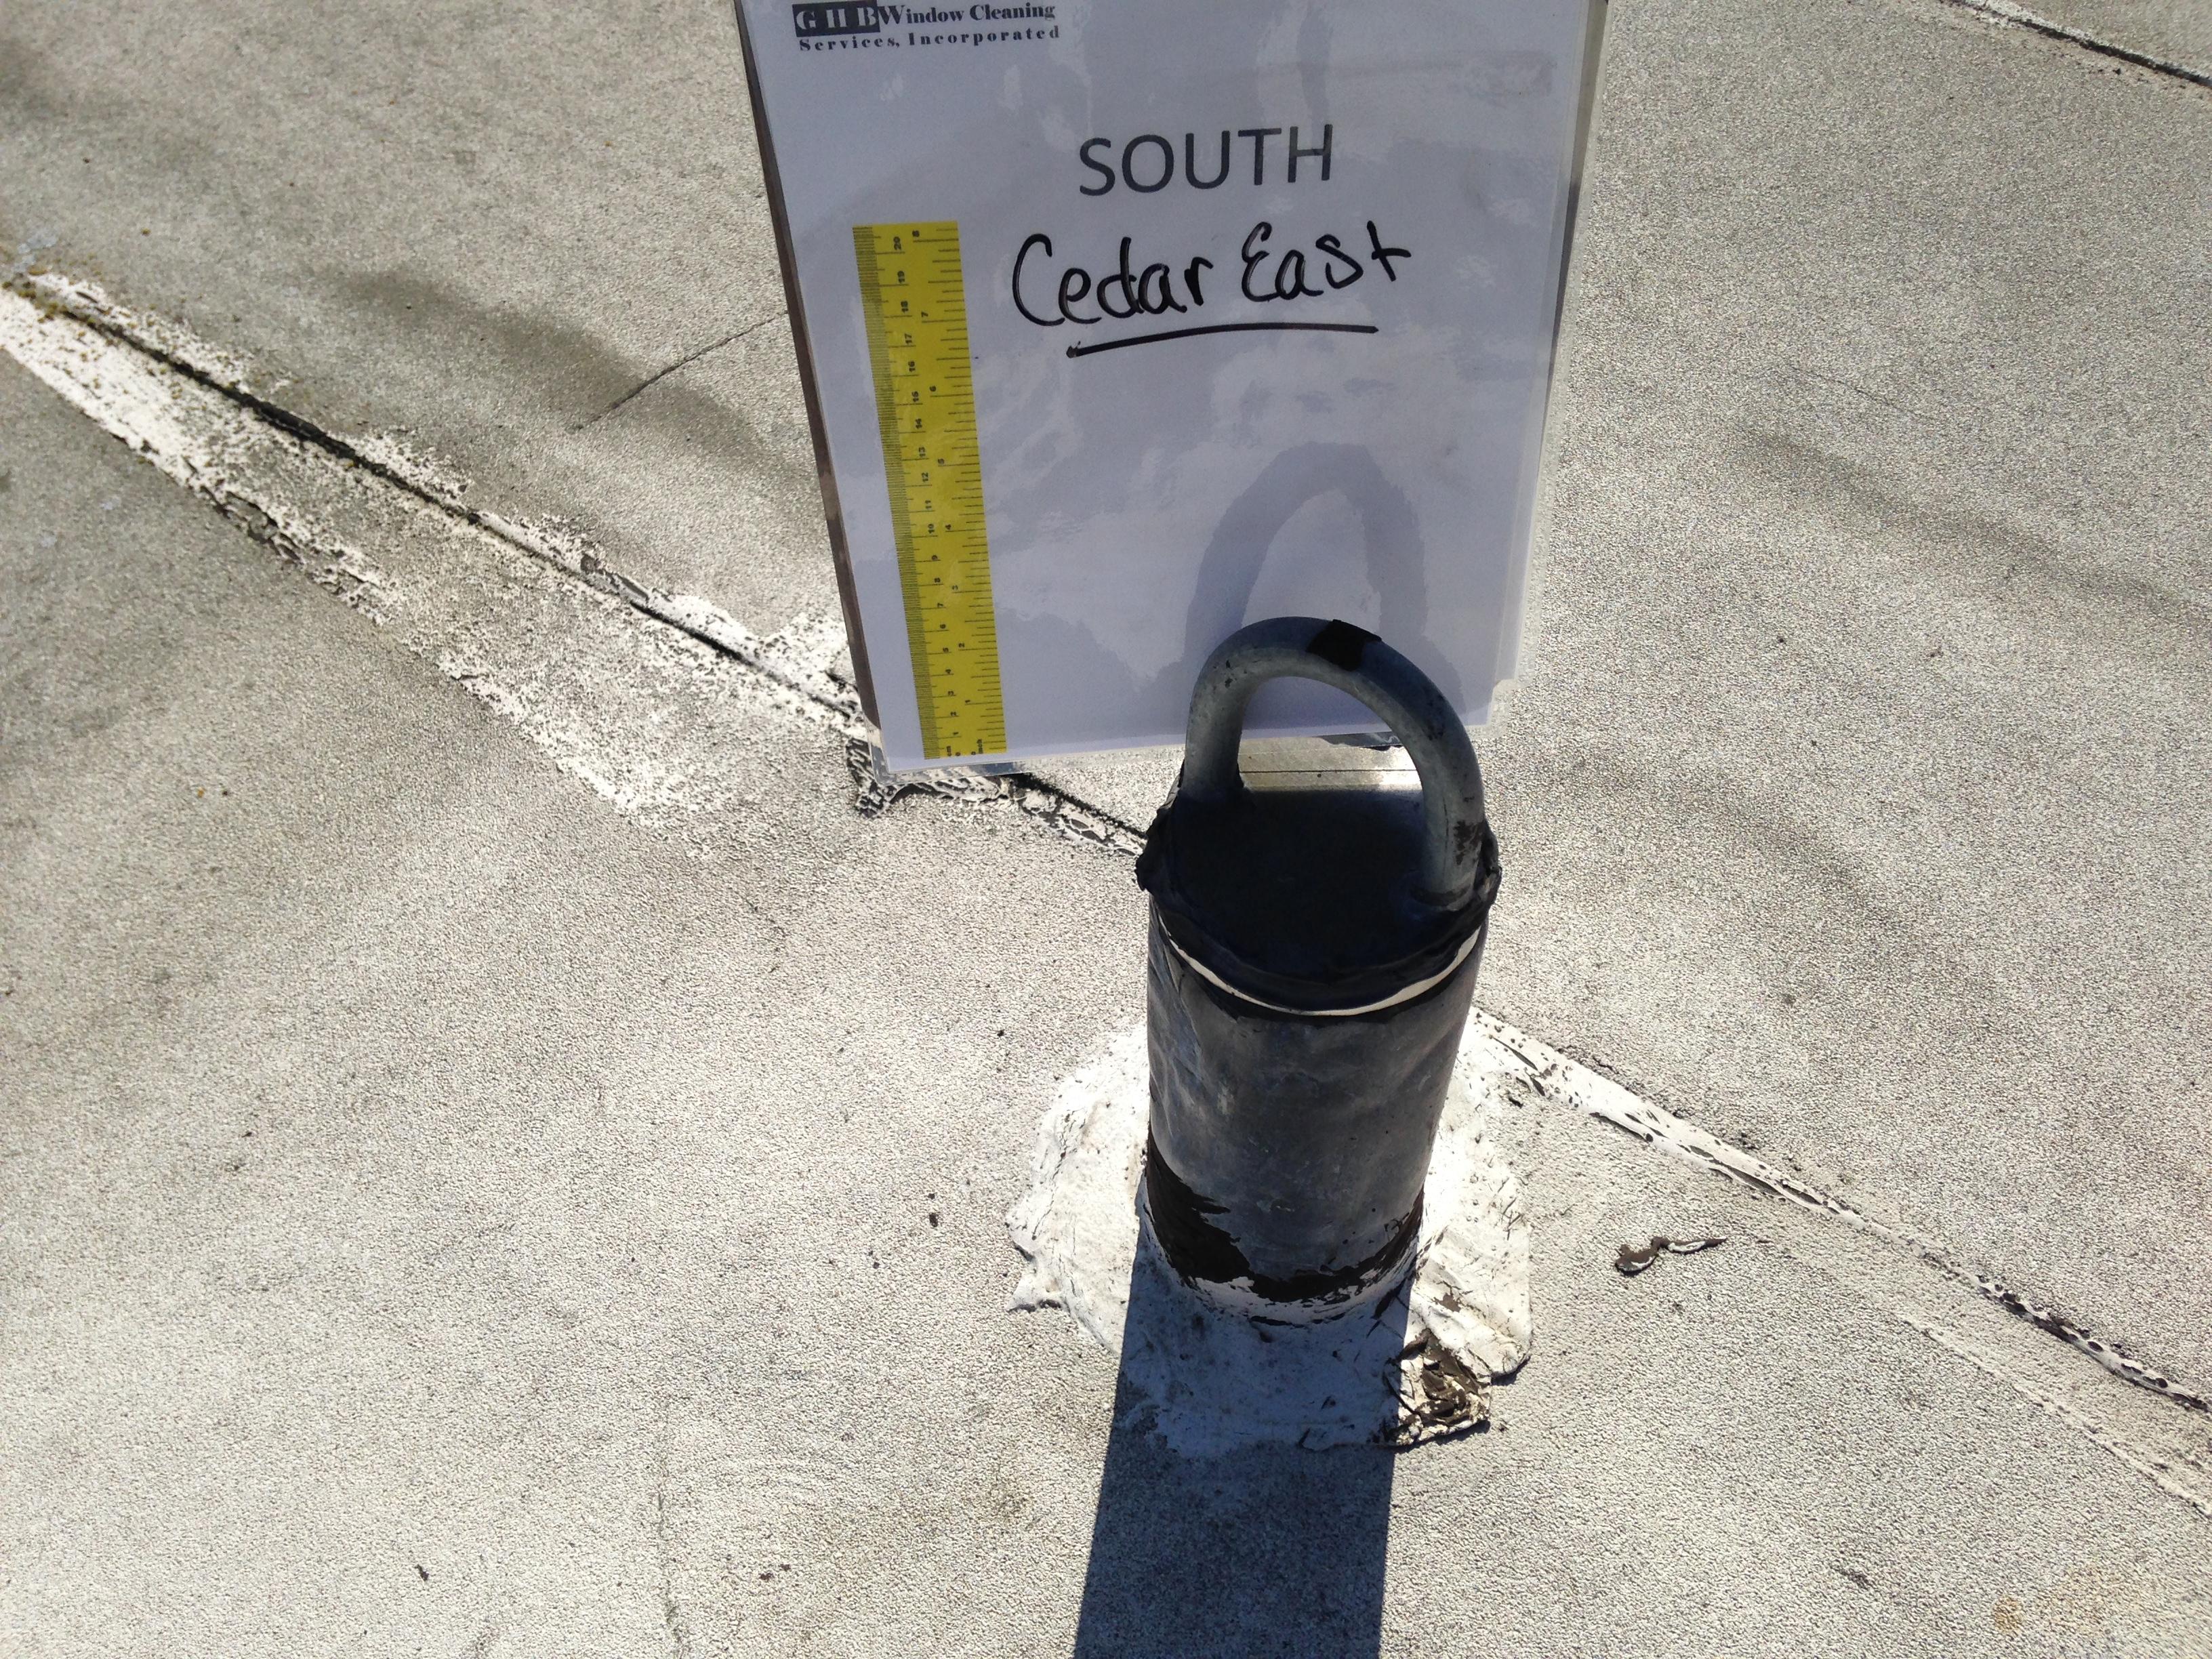 Cedar East Anchor Inpections